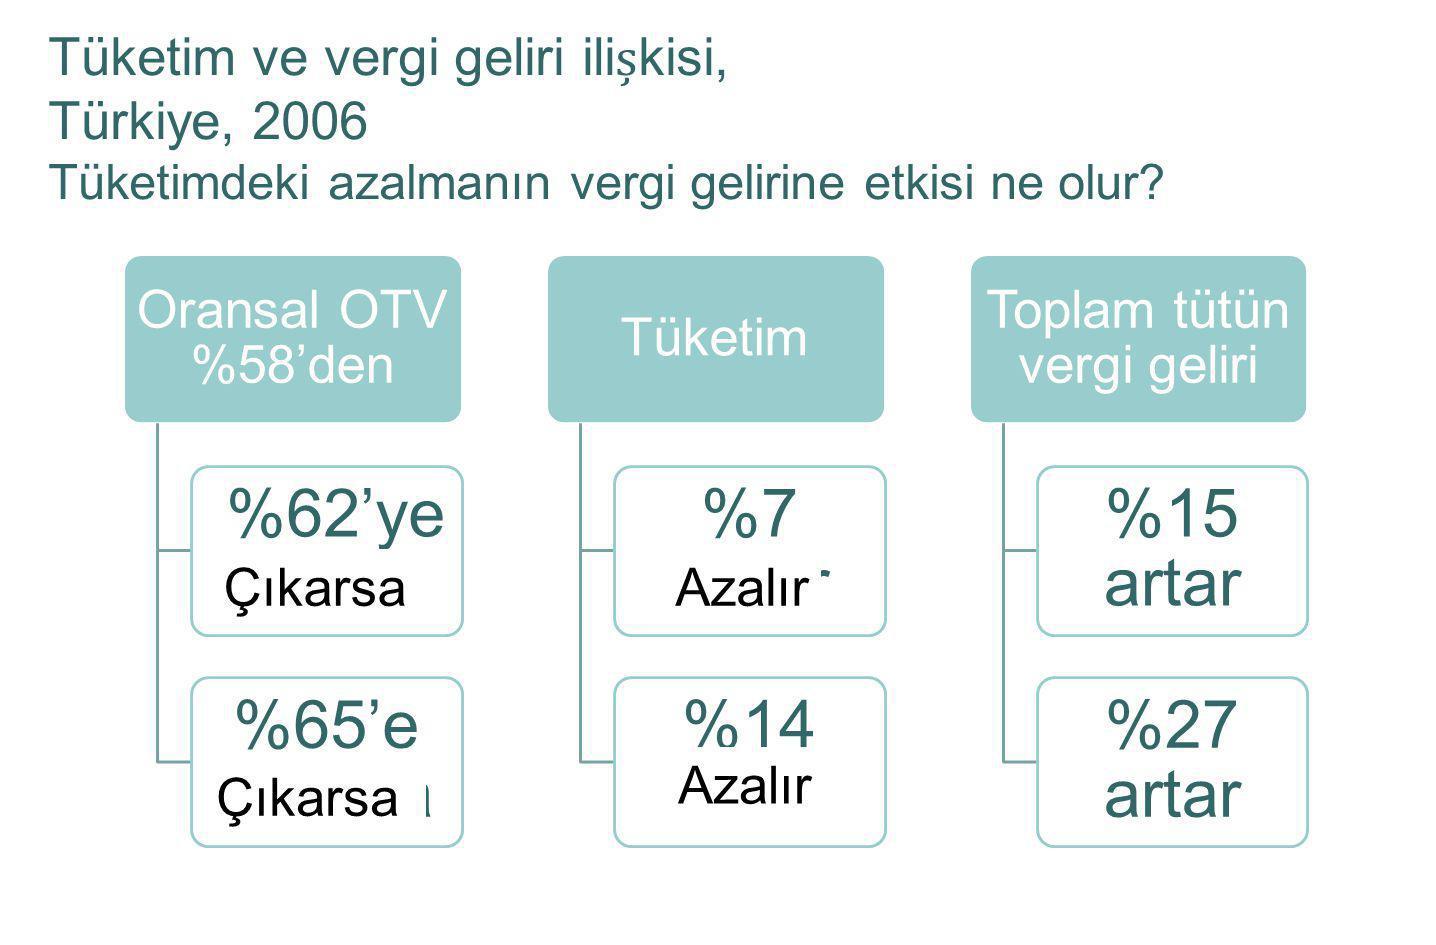 Tüketim ve vergi geliri ilikisi, Türkiye, 2006 Tüketimdeki azalmanın vergi gelirine etkisi ne olur? Oransal OTV %58'den %62'ye cikarsa %65'e cikarsa T